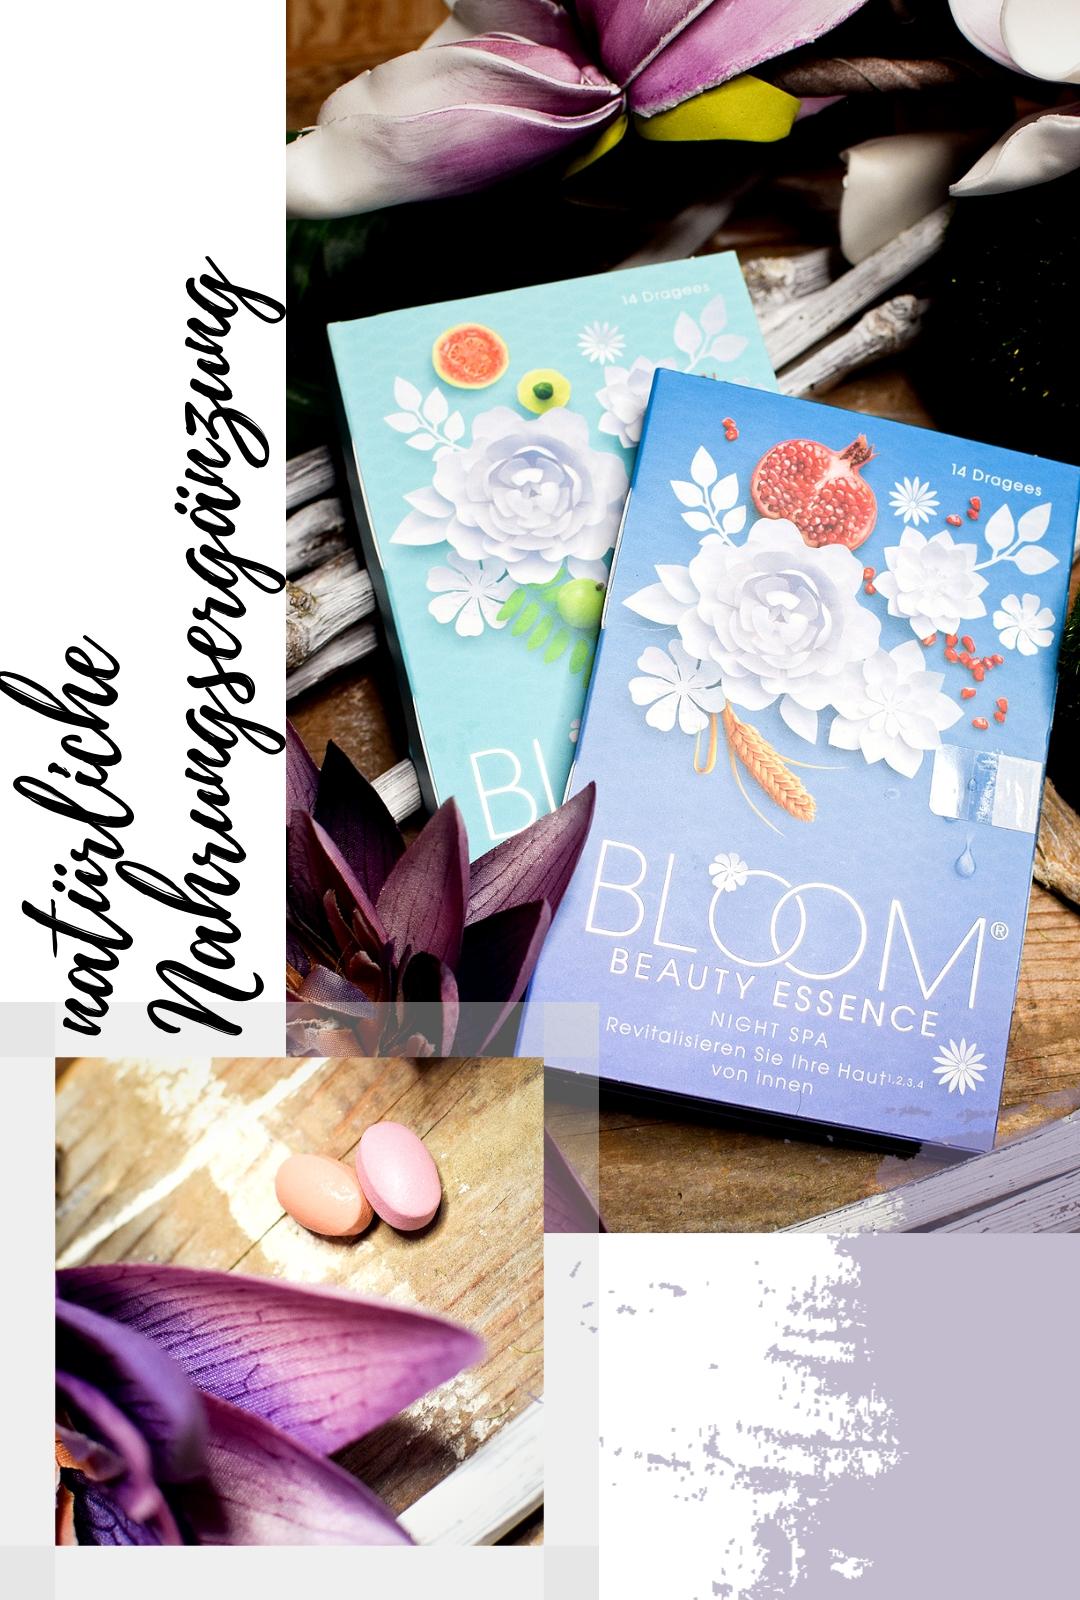 Bloom Beauty Essence, wie gut ist das Nahrungsergänzungsmittel